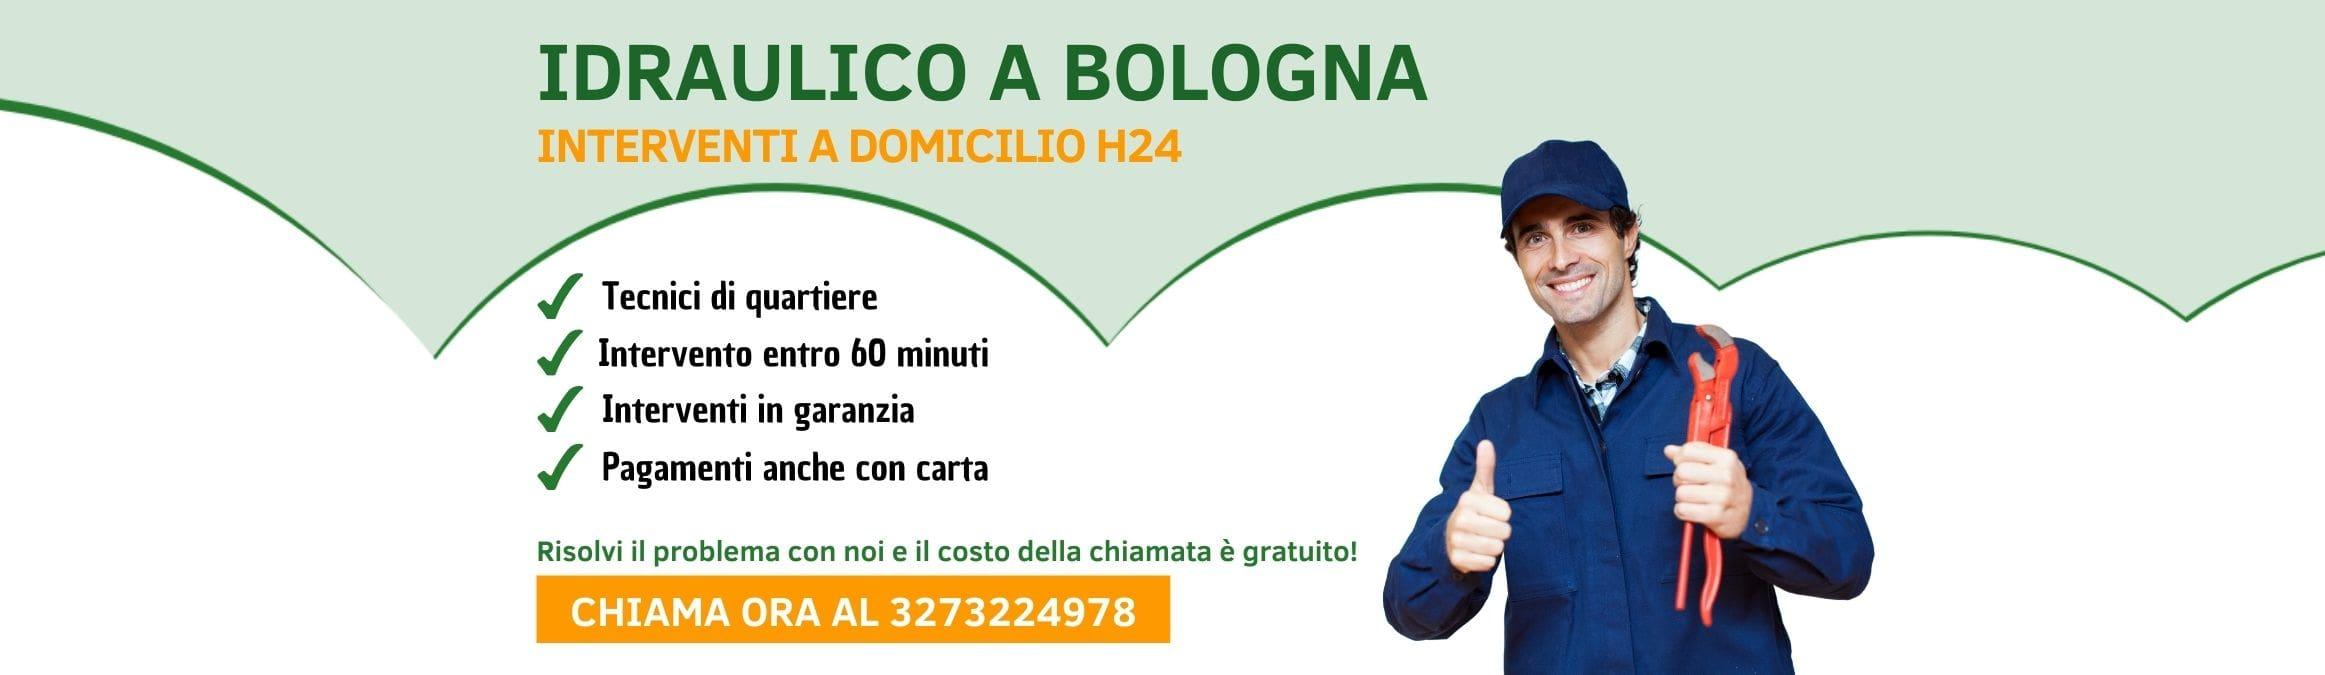 Idraulico a Bologna h24